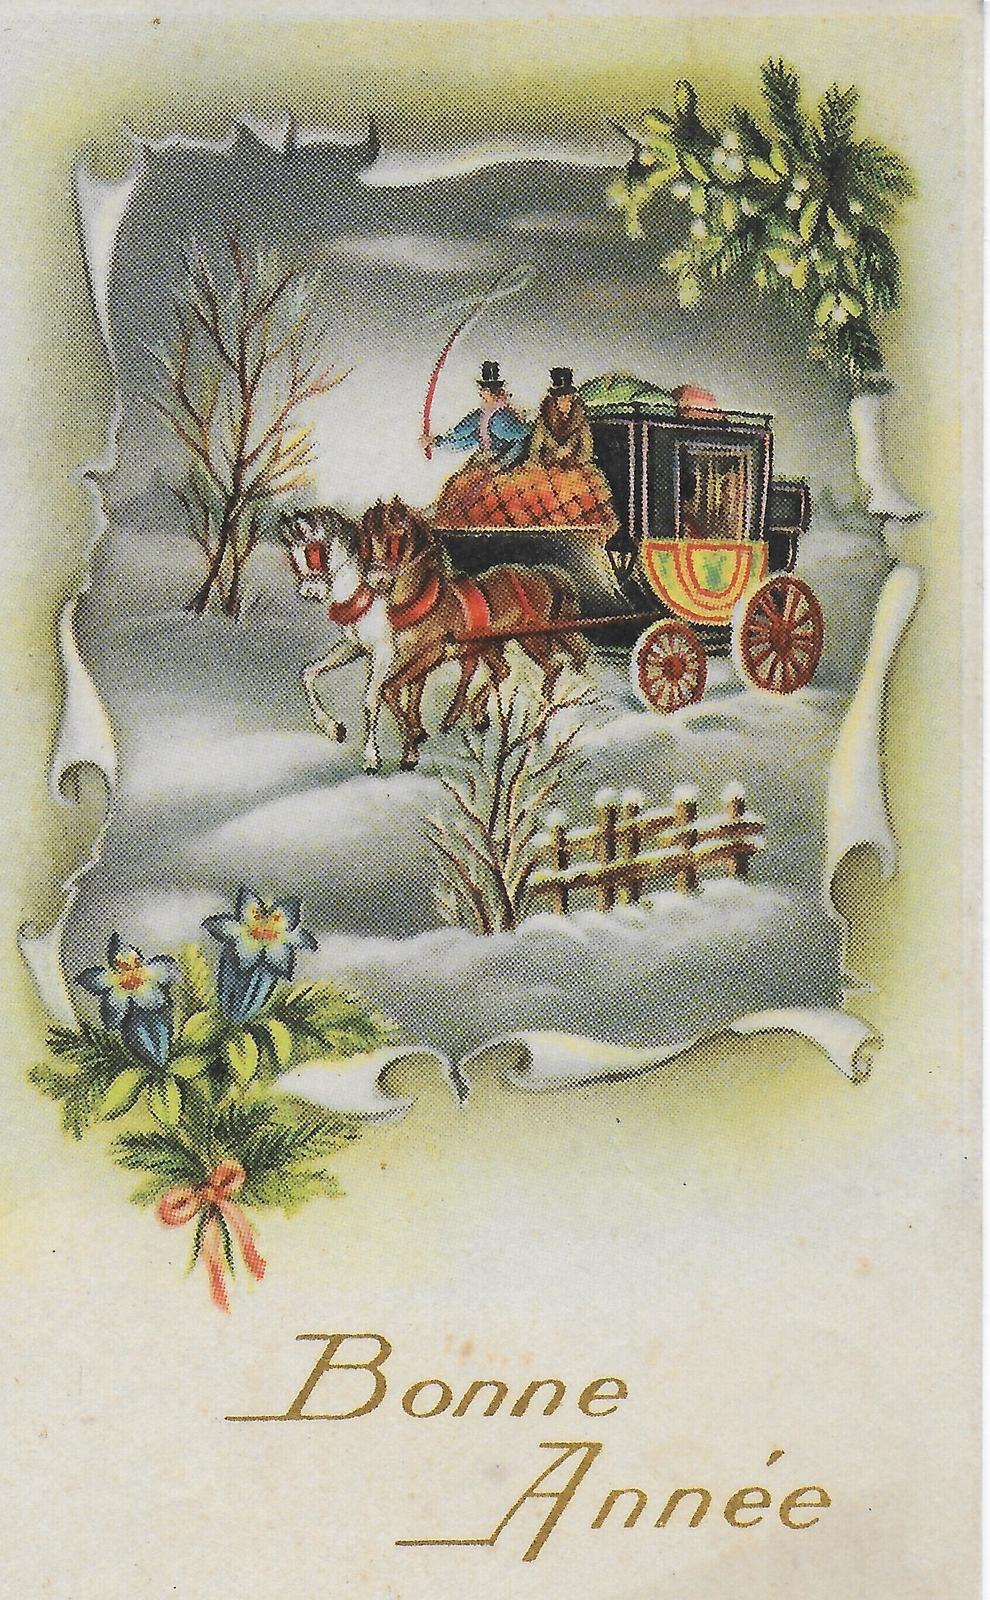 Bonne Année - Diligence dans paysage hivernal - Photochrom 630 - Carte  postale ancienne et vue d'Hier et Aujourd'hui - Geneanet